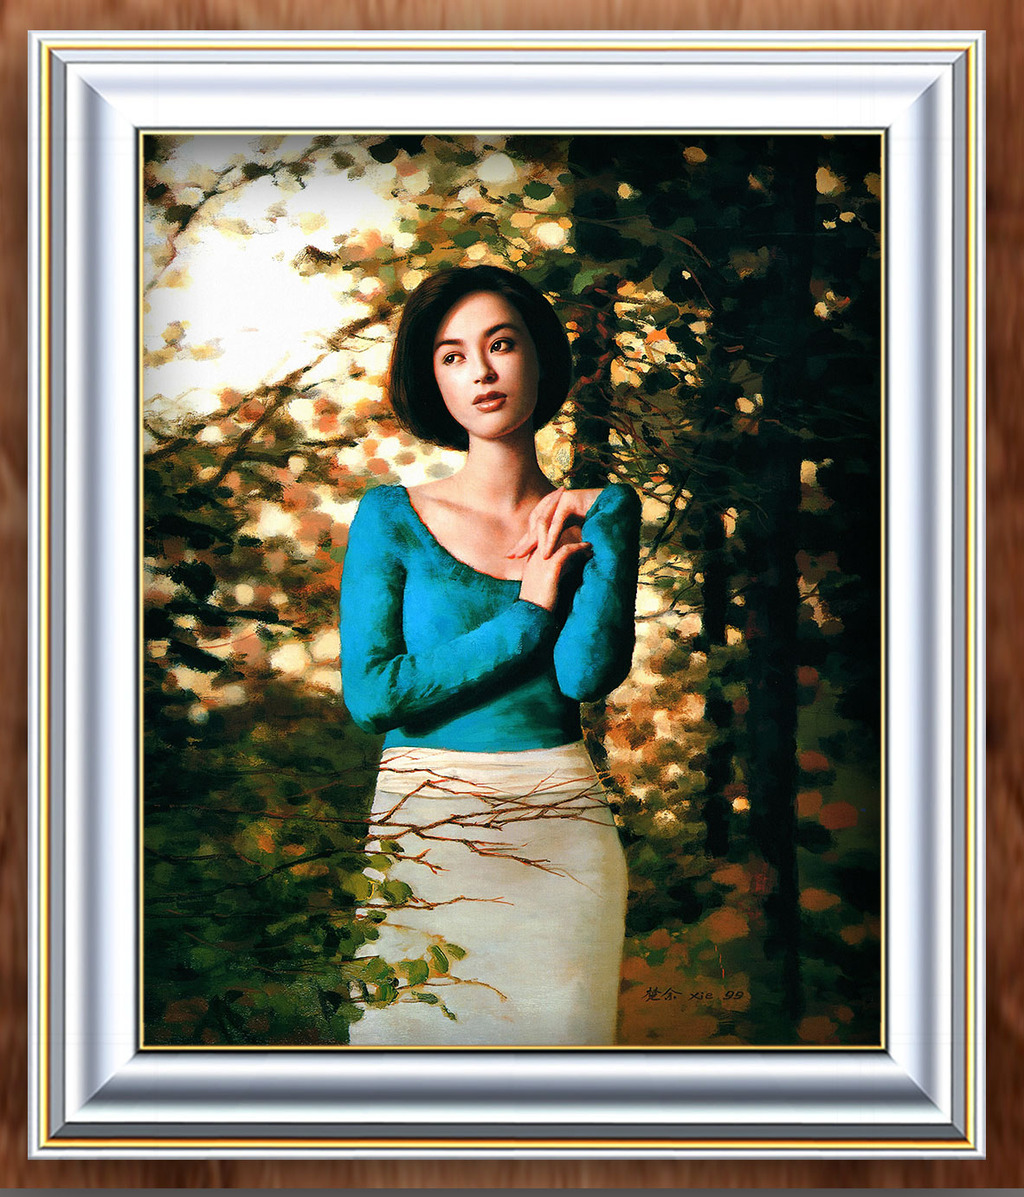 树林中的蓝衣女子现代人物油画